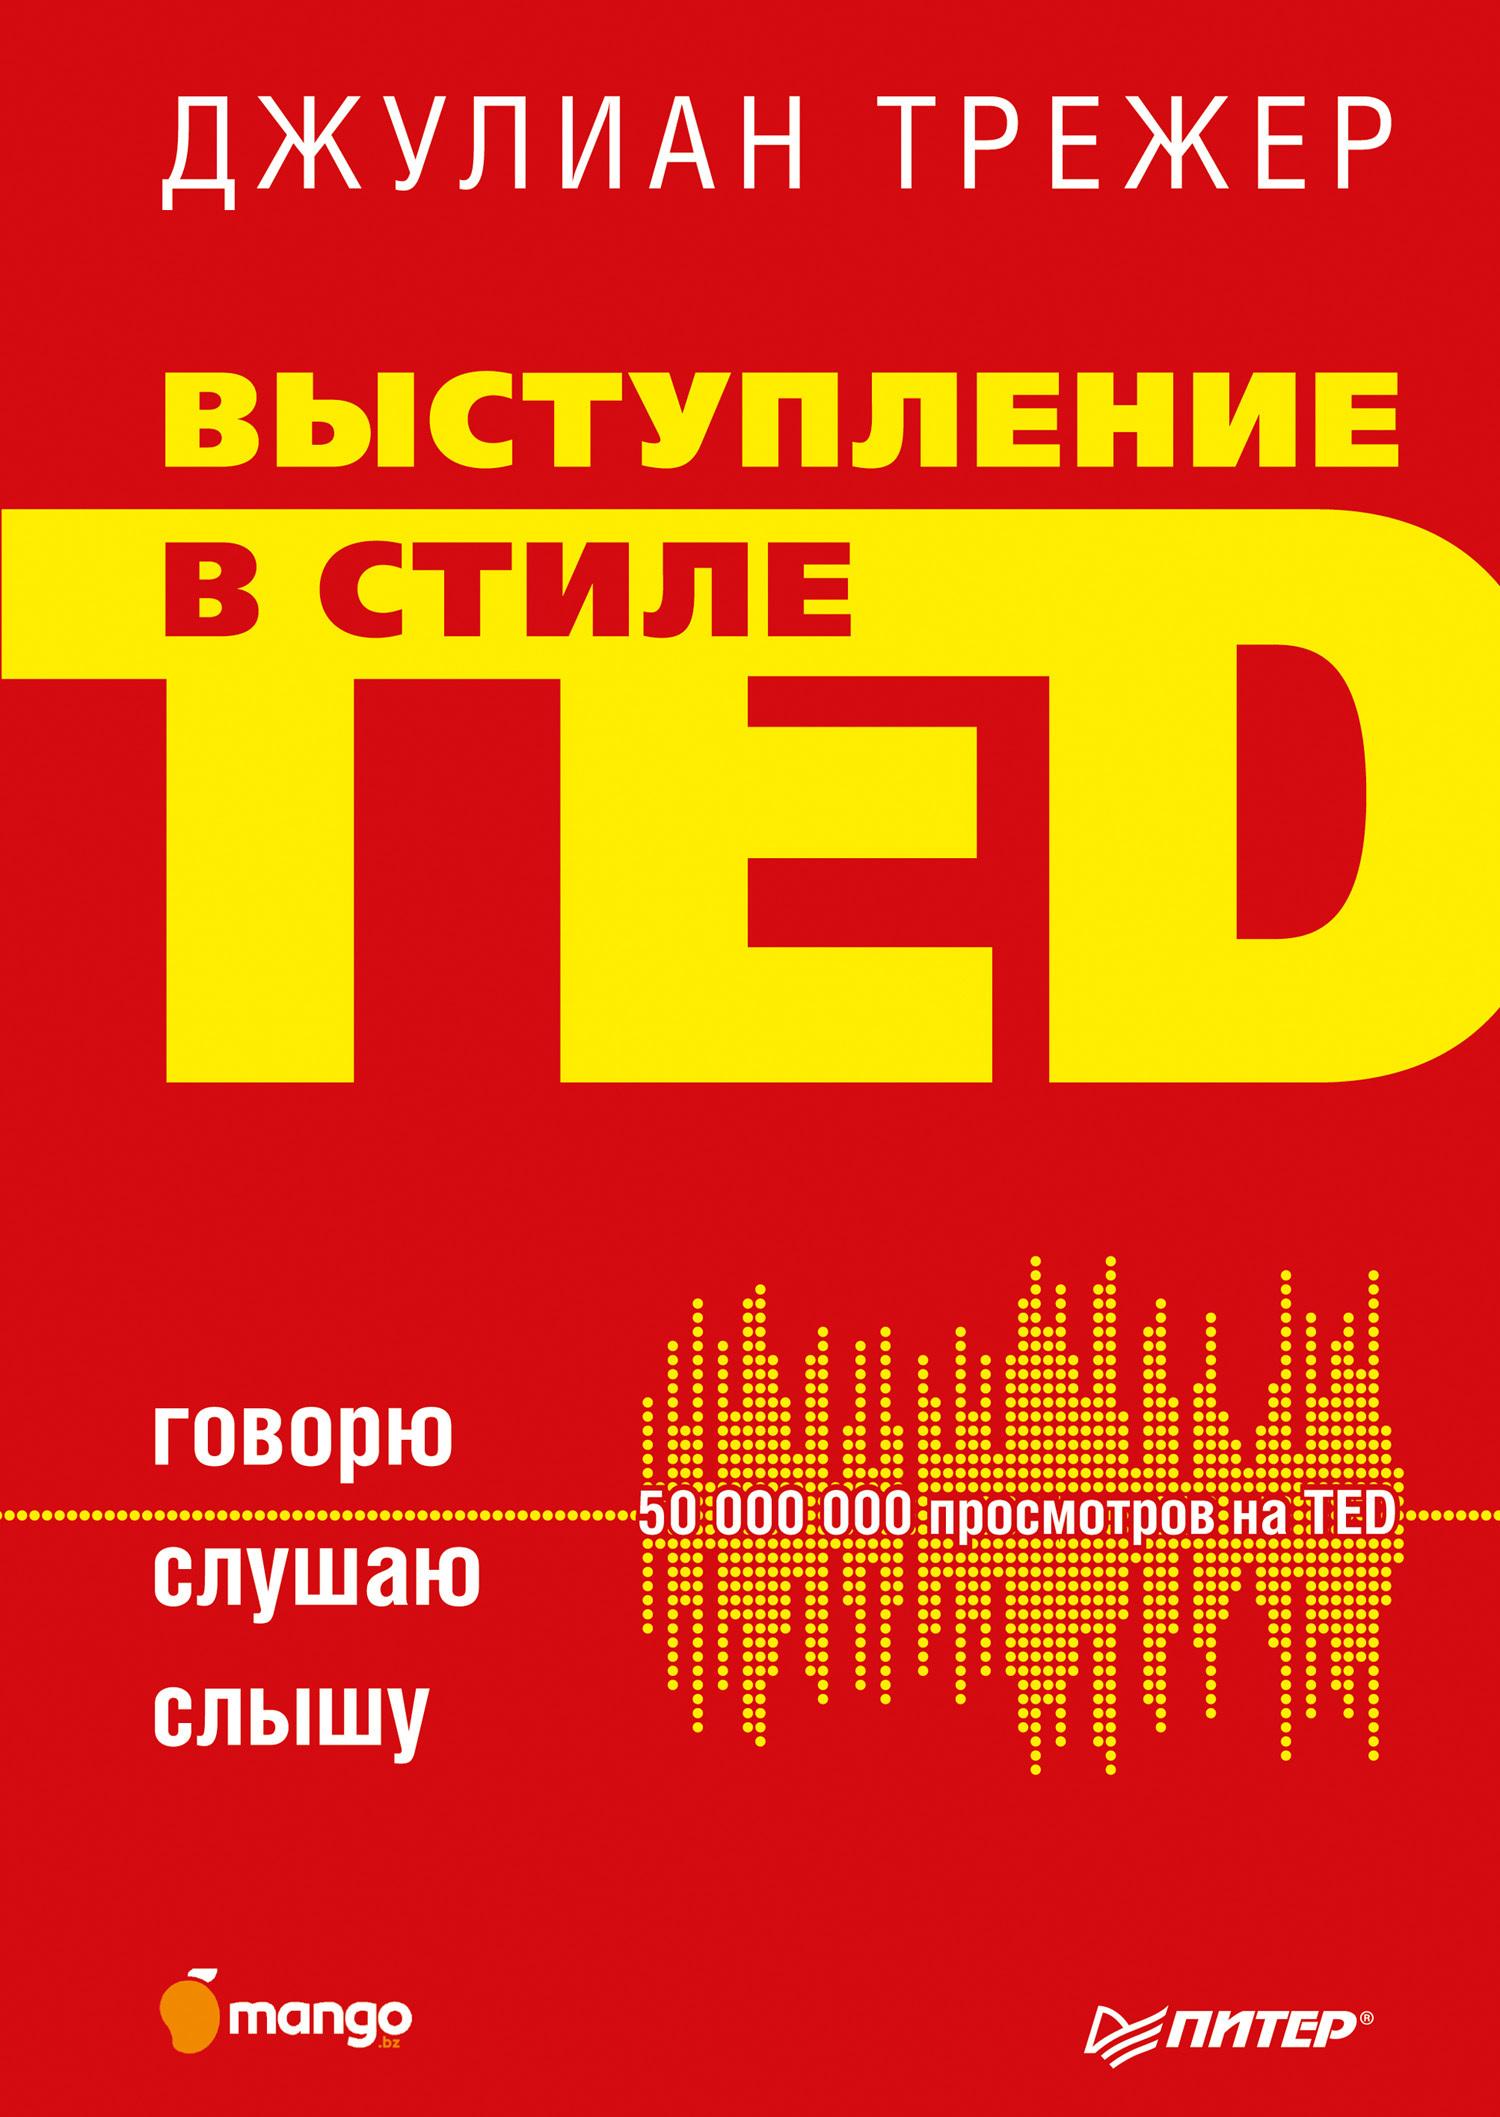 Обложка книги. Автор - Джулиан Трежер